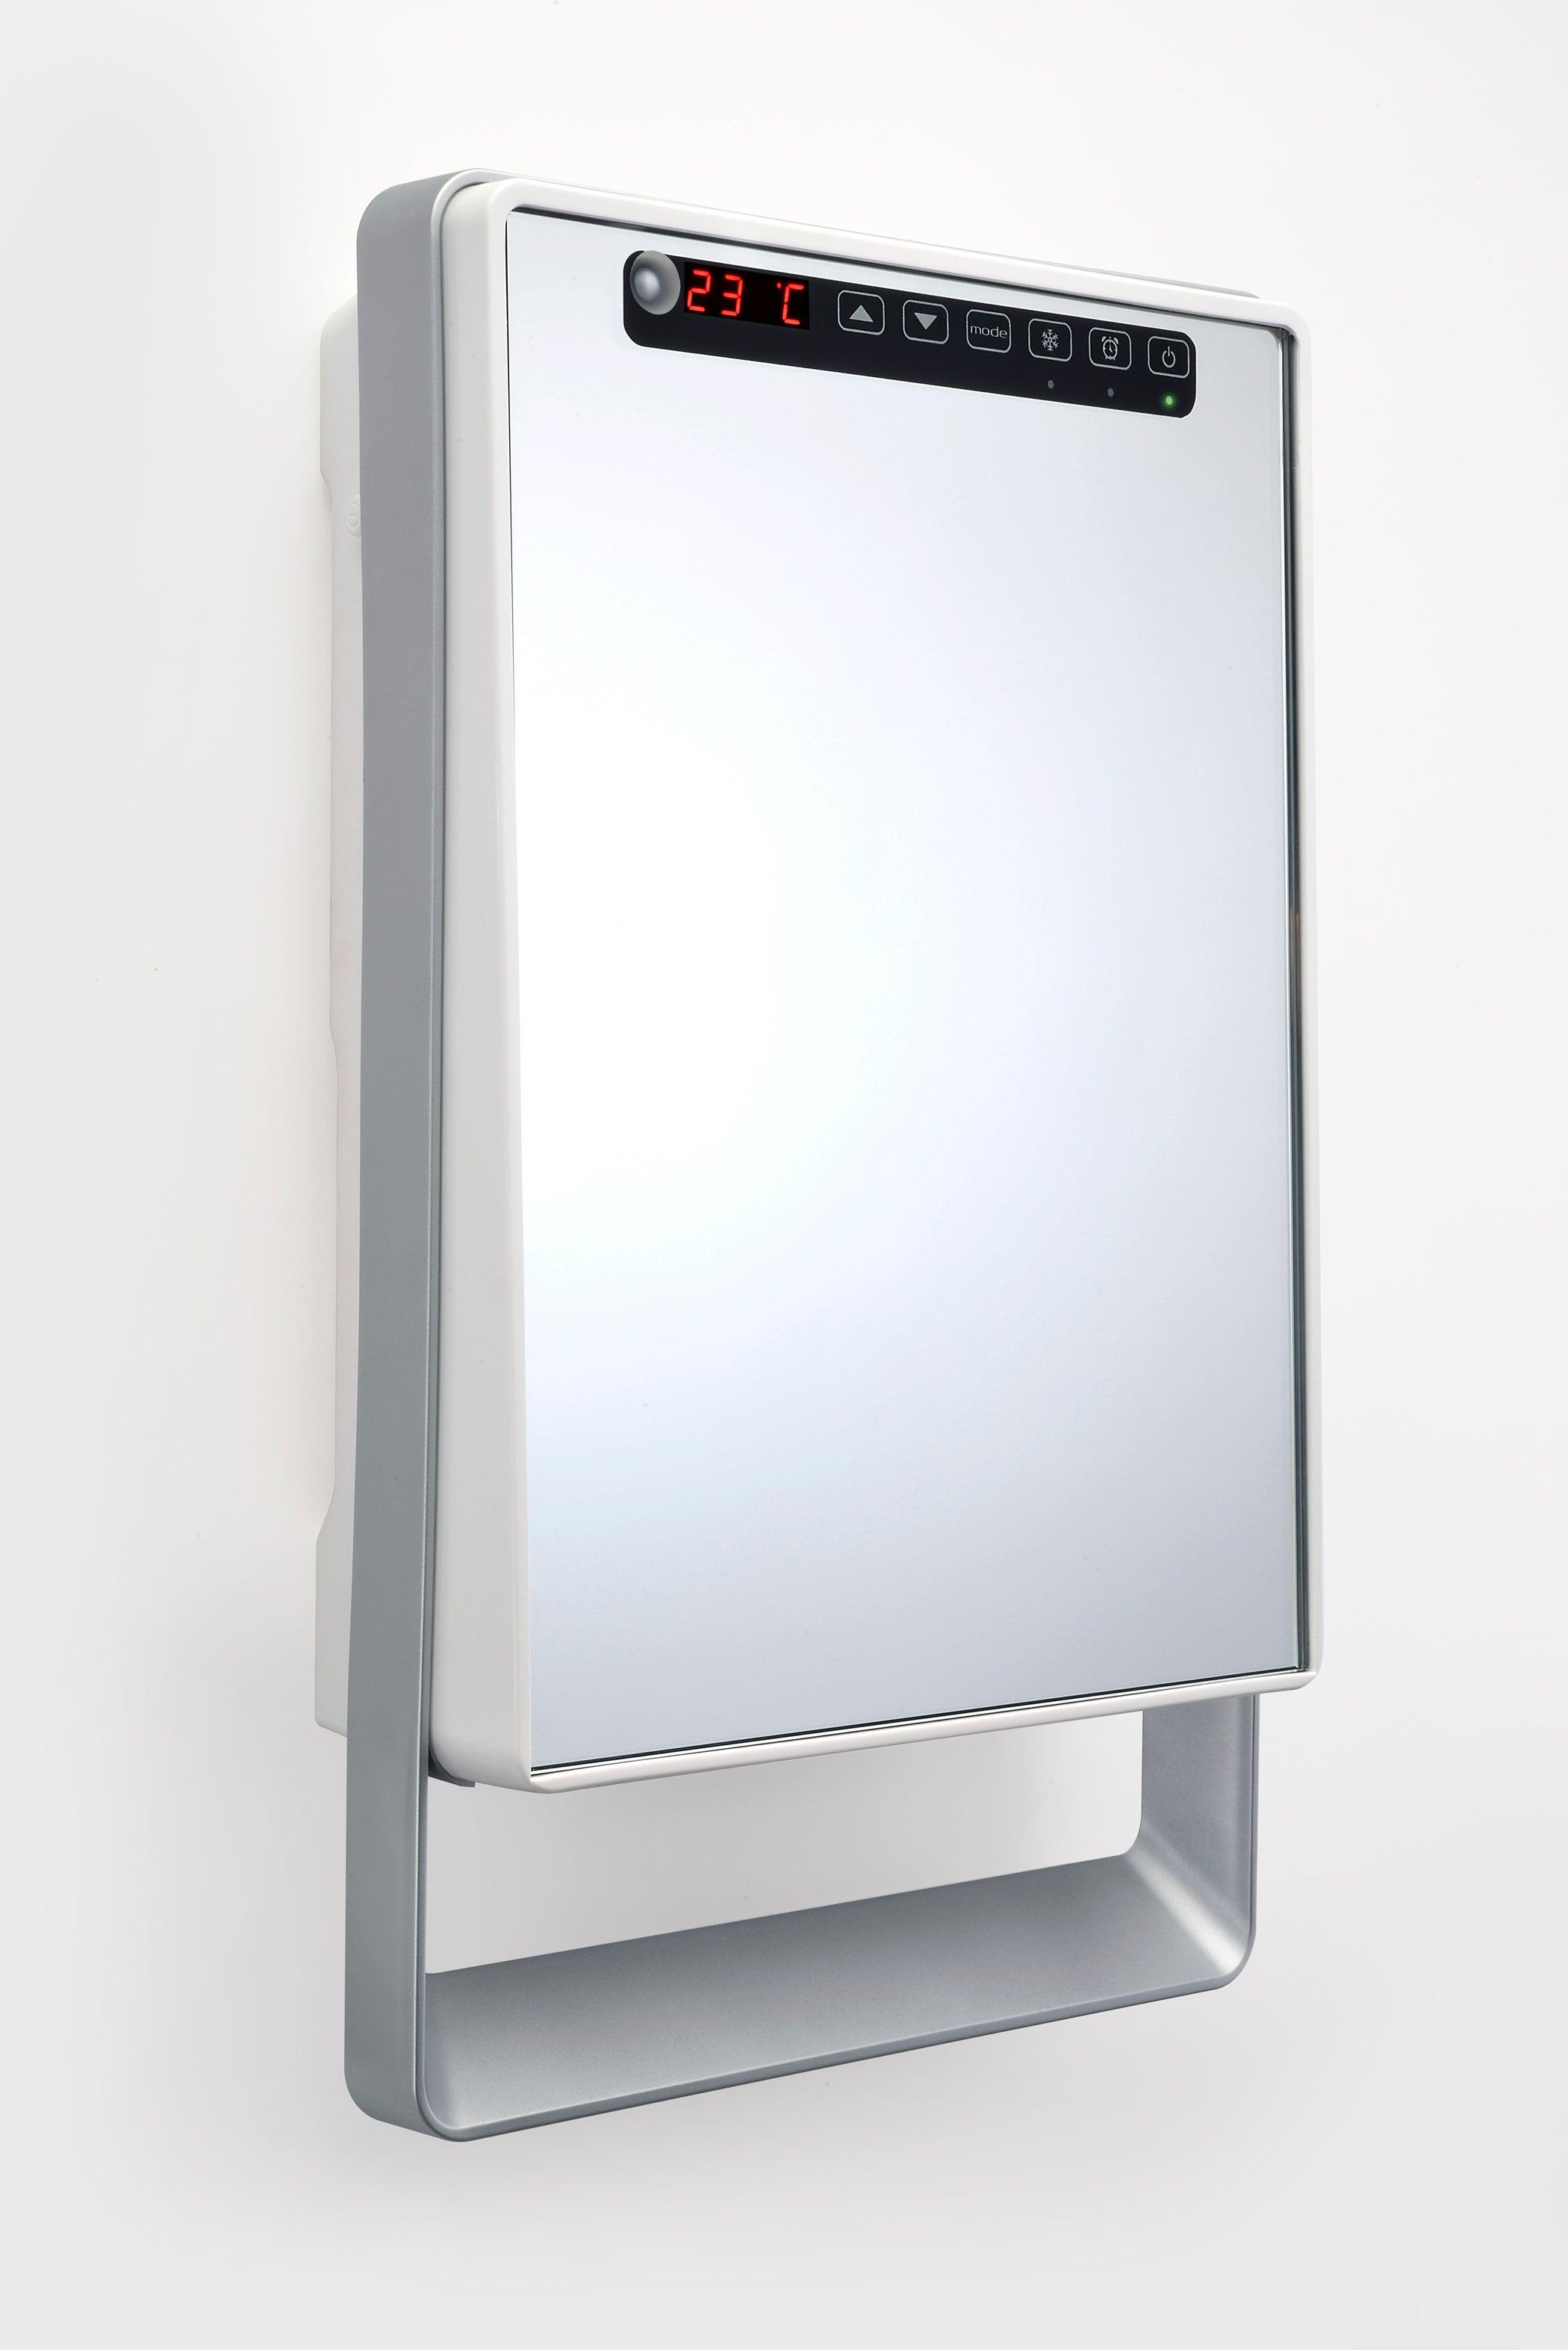 Radiateur soufflant salle de bain fixe électrique AURORA Touch miroir 19 W